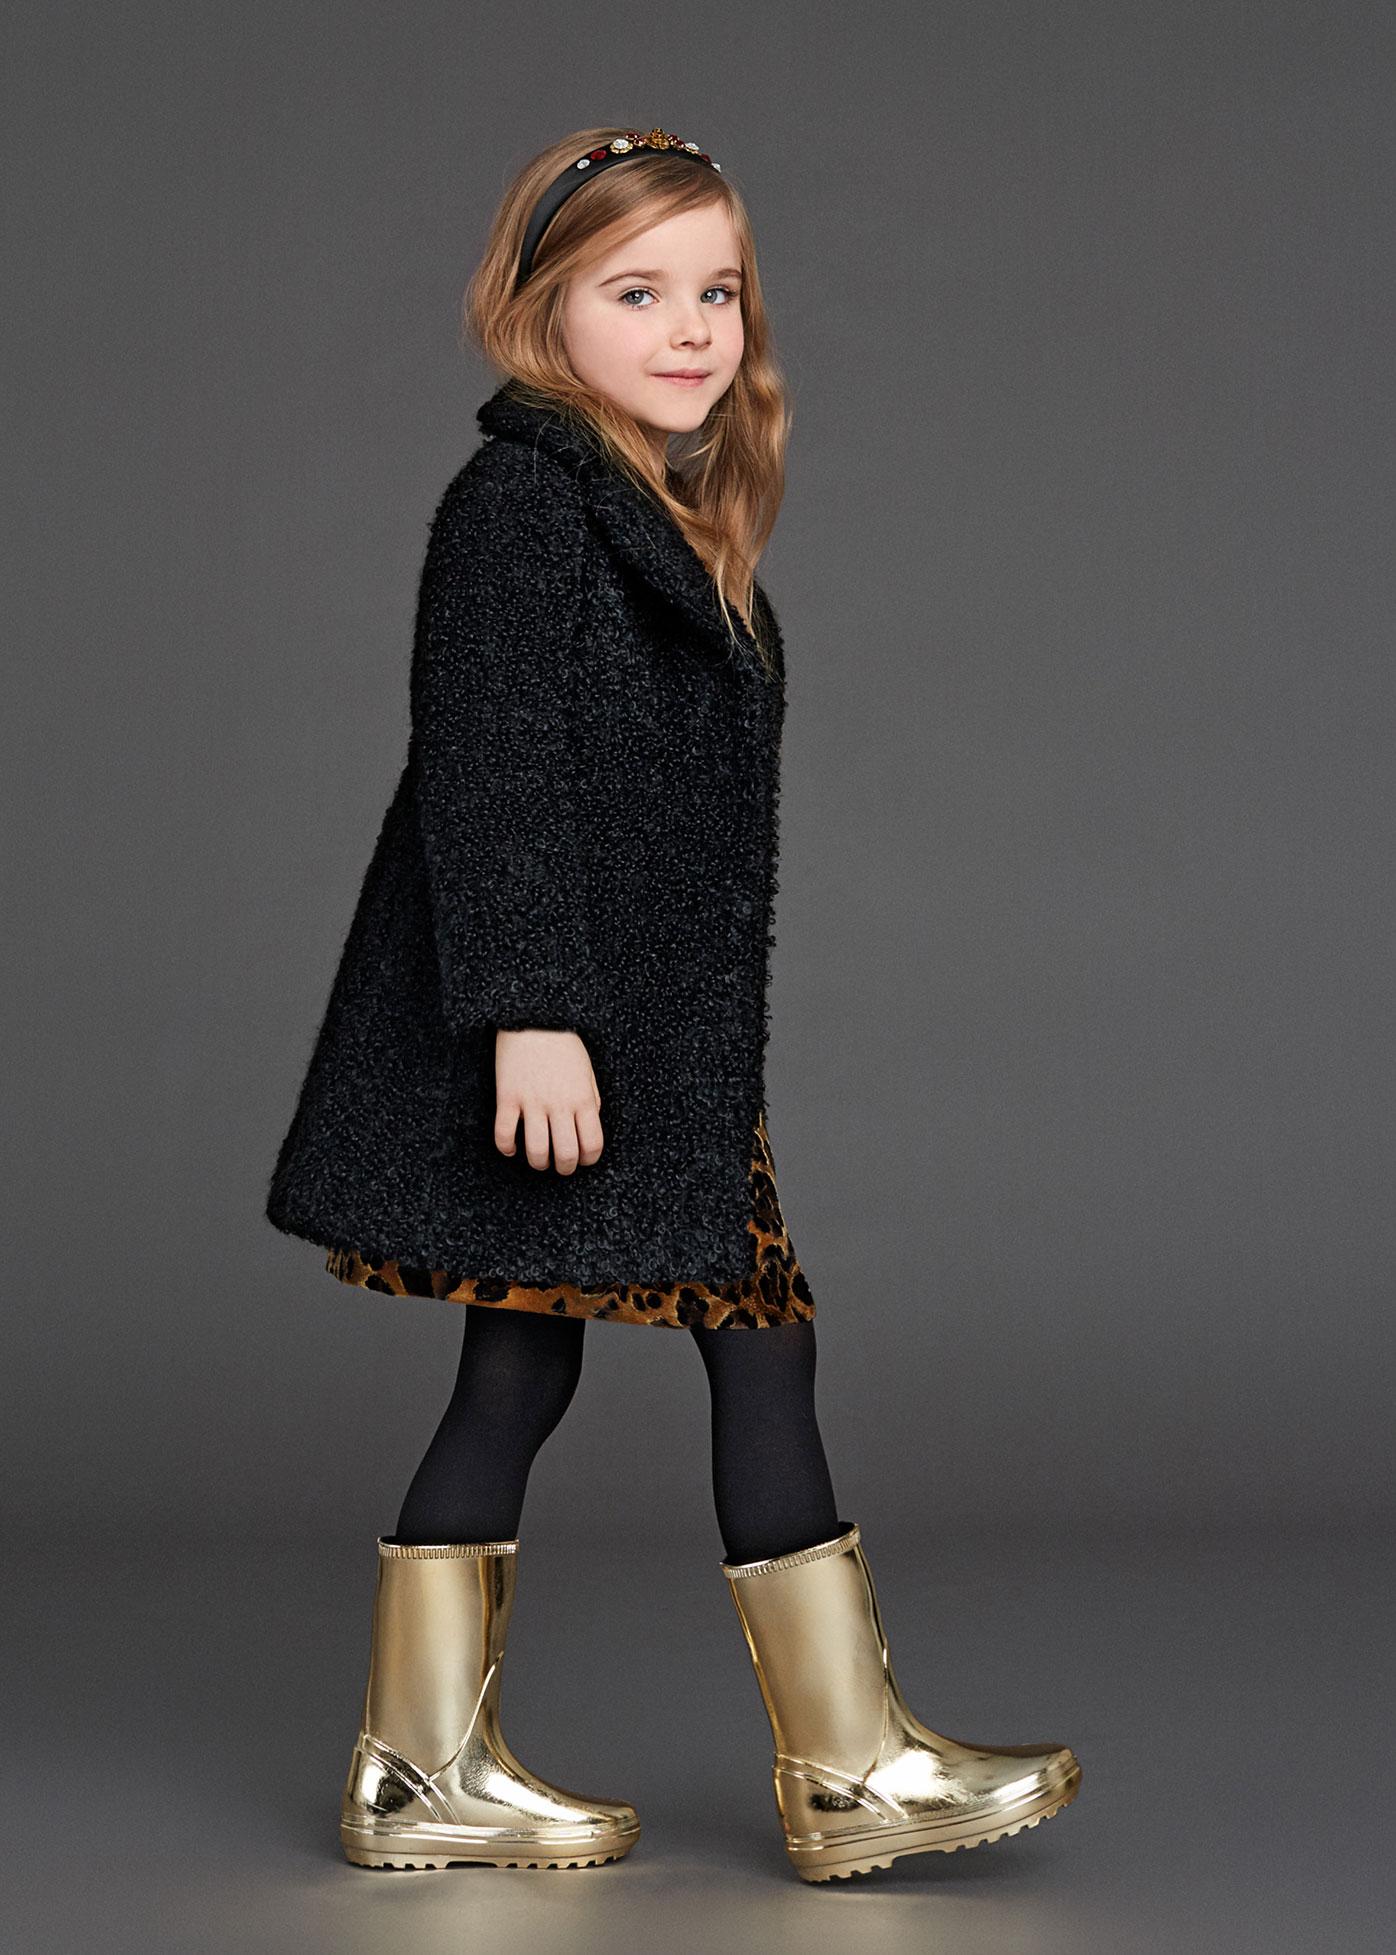 مدل لباس دختر بچه پاییز و زمستان 2019